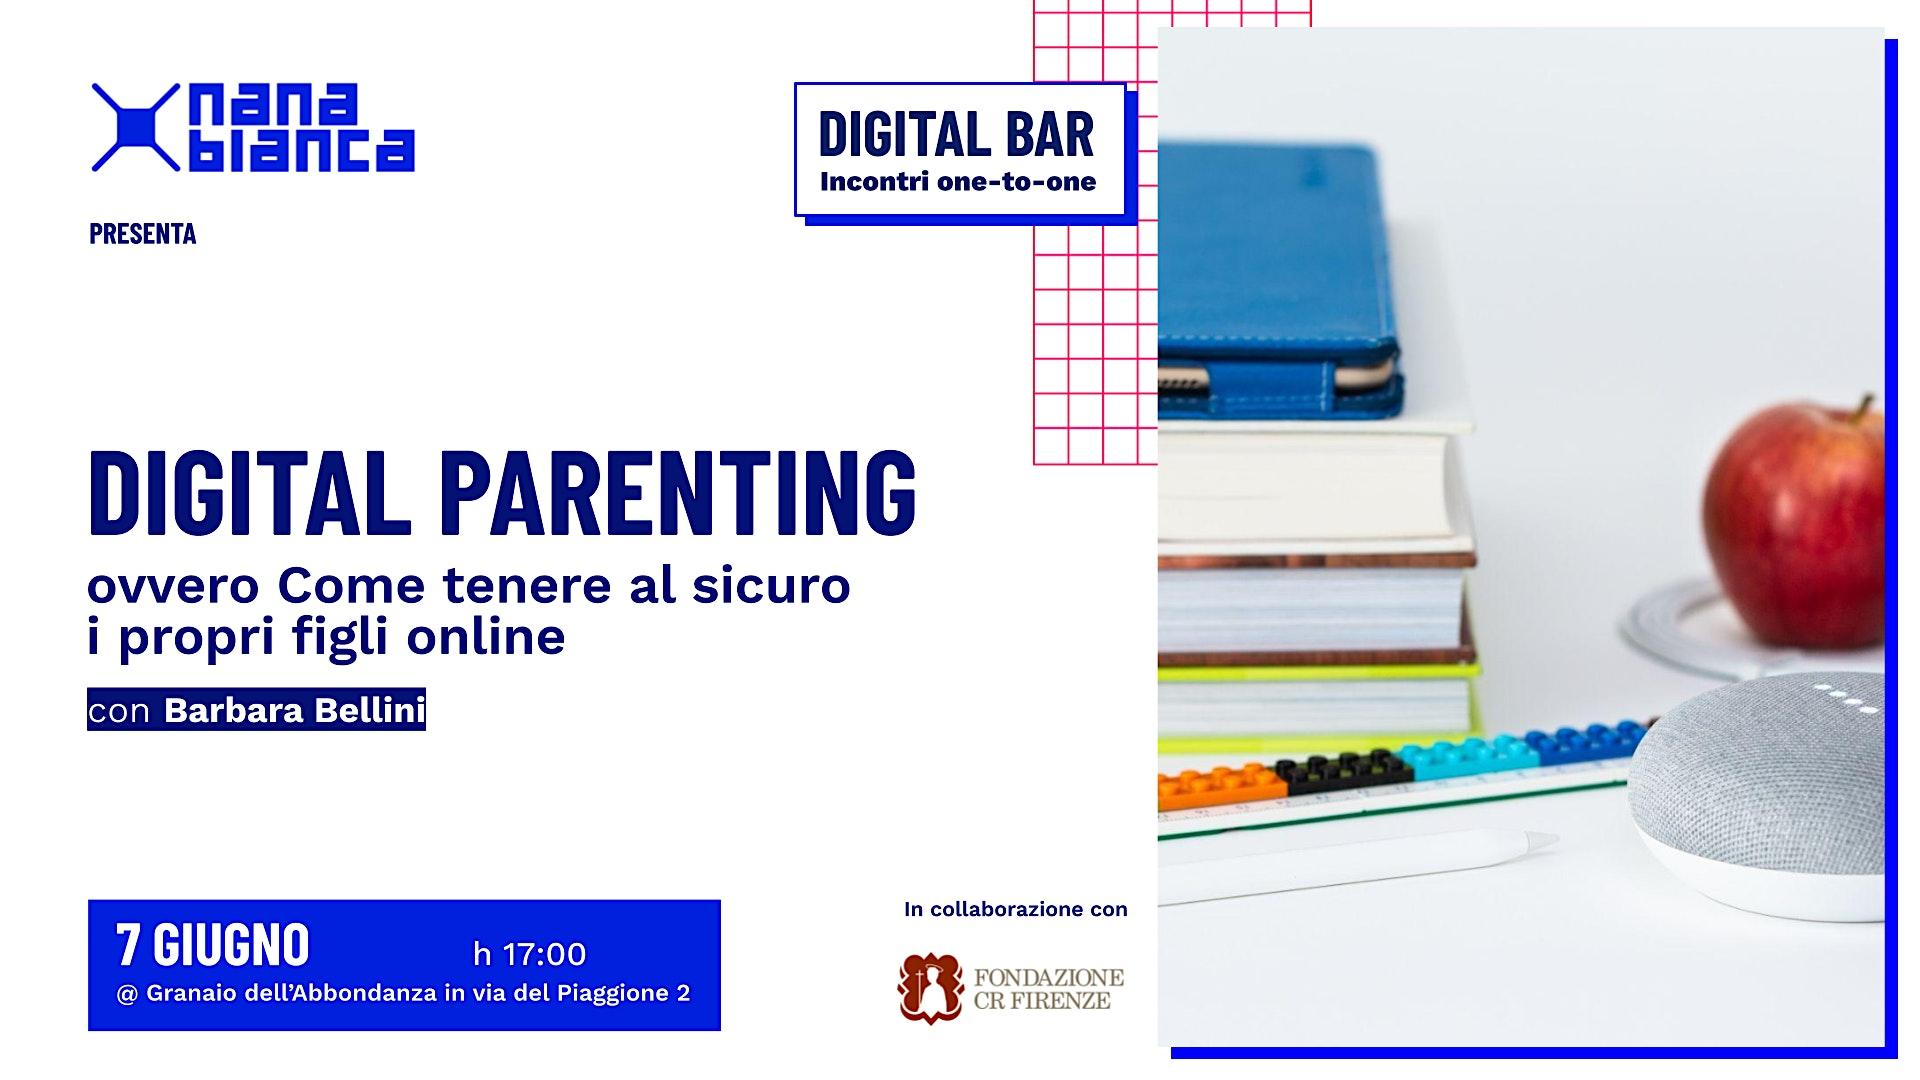 Digital Bar: DIGITAL PARENTING ovvero come tenere al sicuro i propri figli